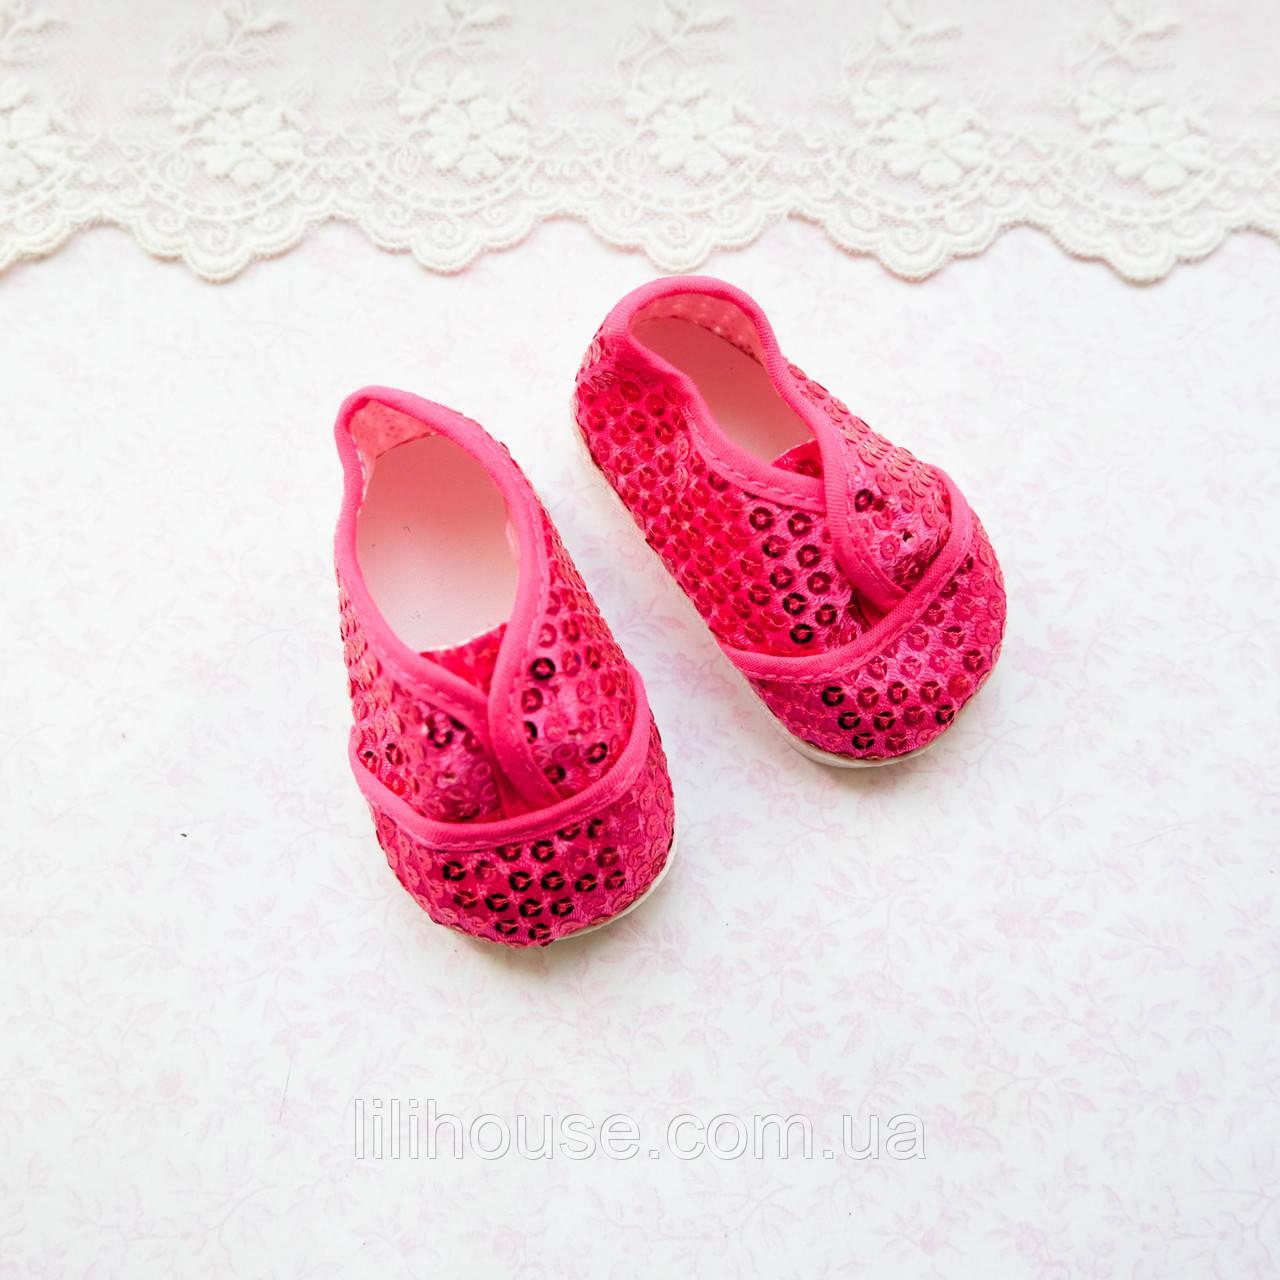 Обувь для кукол Туфельки в Пайетках 7*3 см КРАСНЫЕ